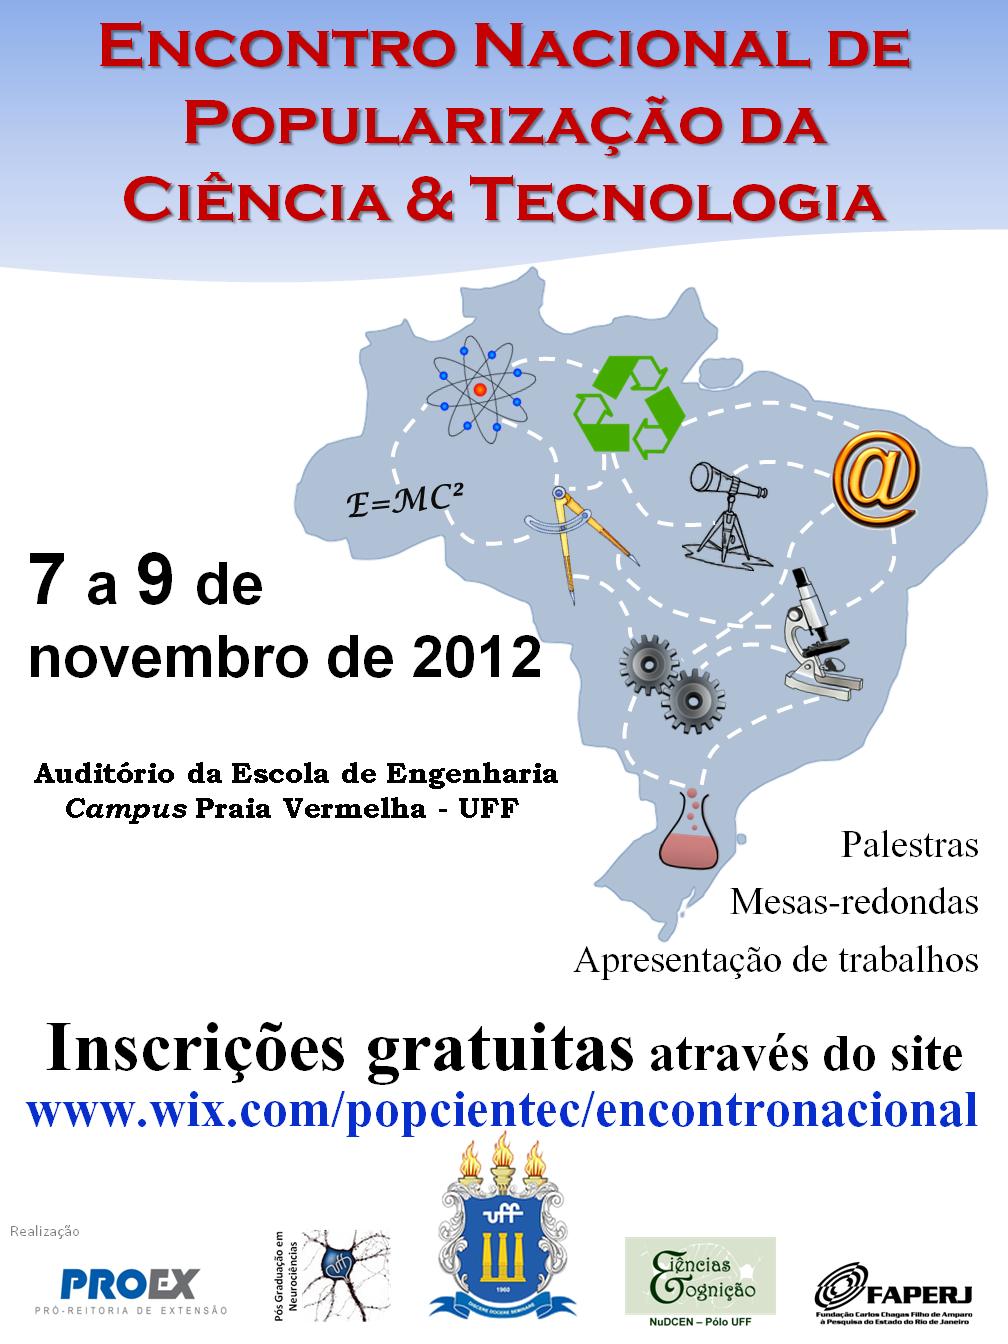 Encontro Nacional de Popularização da Ciência & Tecnologia